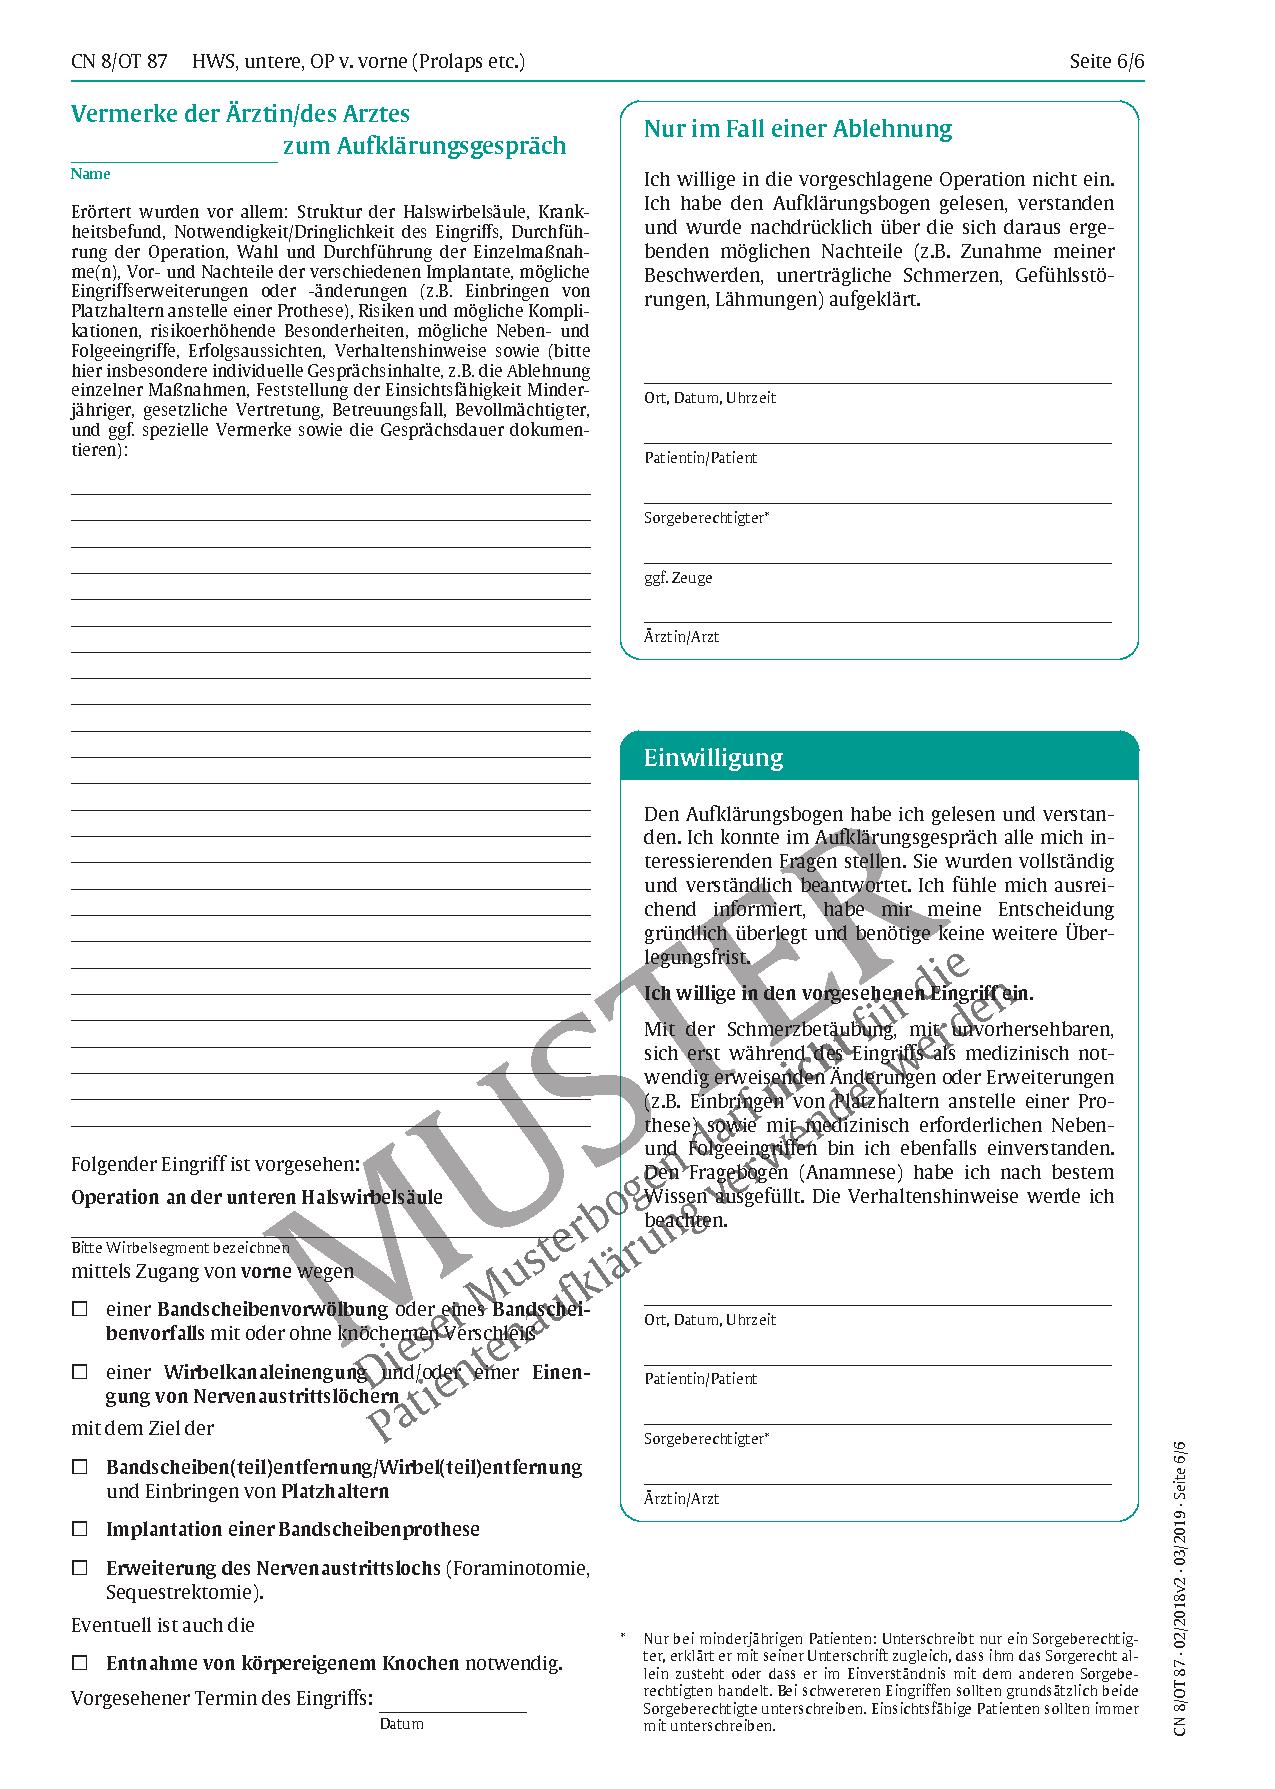 Tolle Hws Bild Anatomie Zeitgenössisch - SoftwareMac